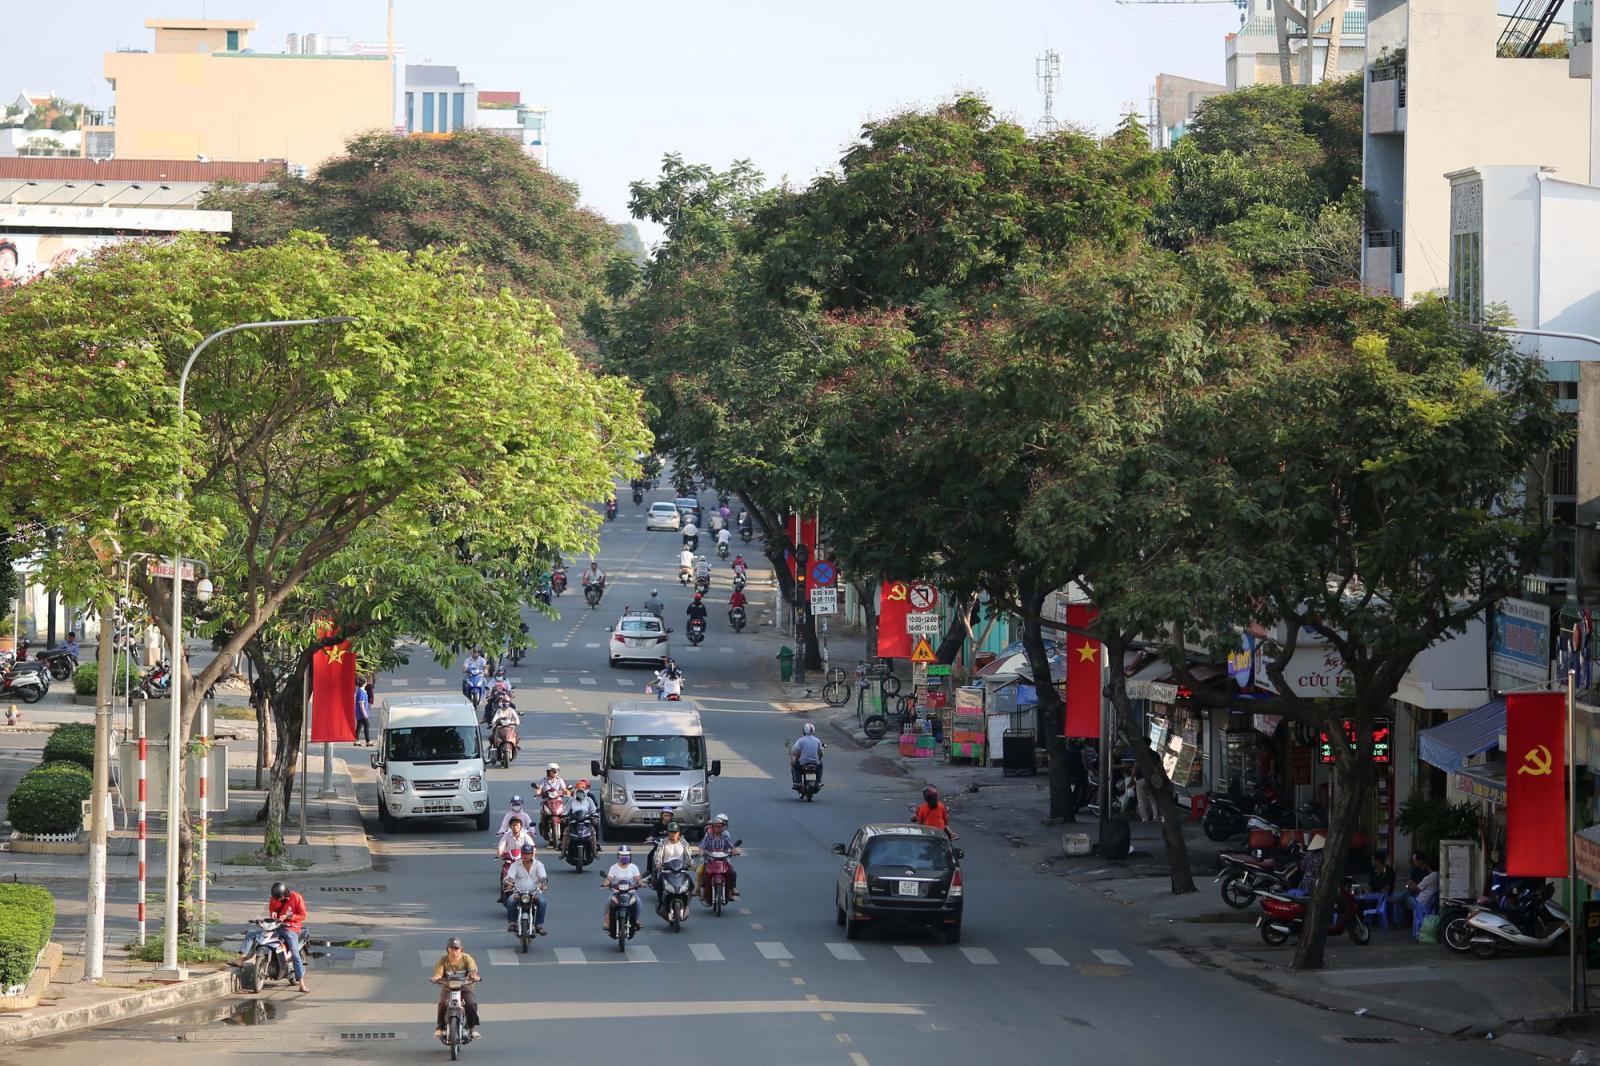 con phố TP.HCM có xe cộ đang đi lại, xung quanh có nhiều cây xanh